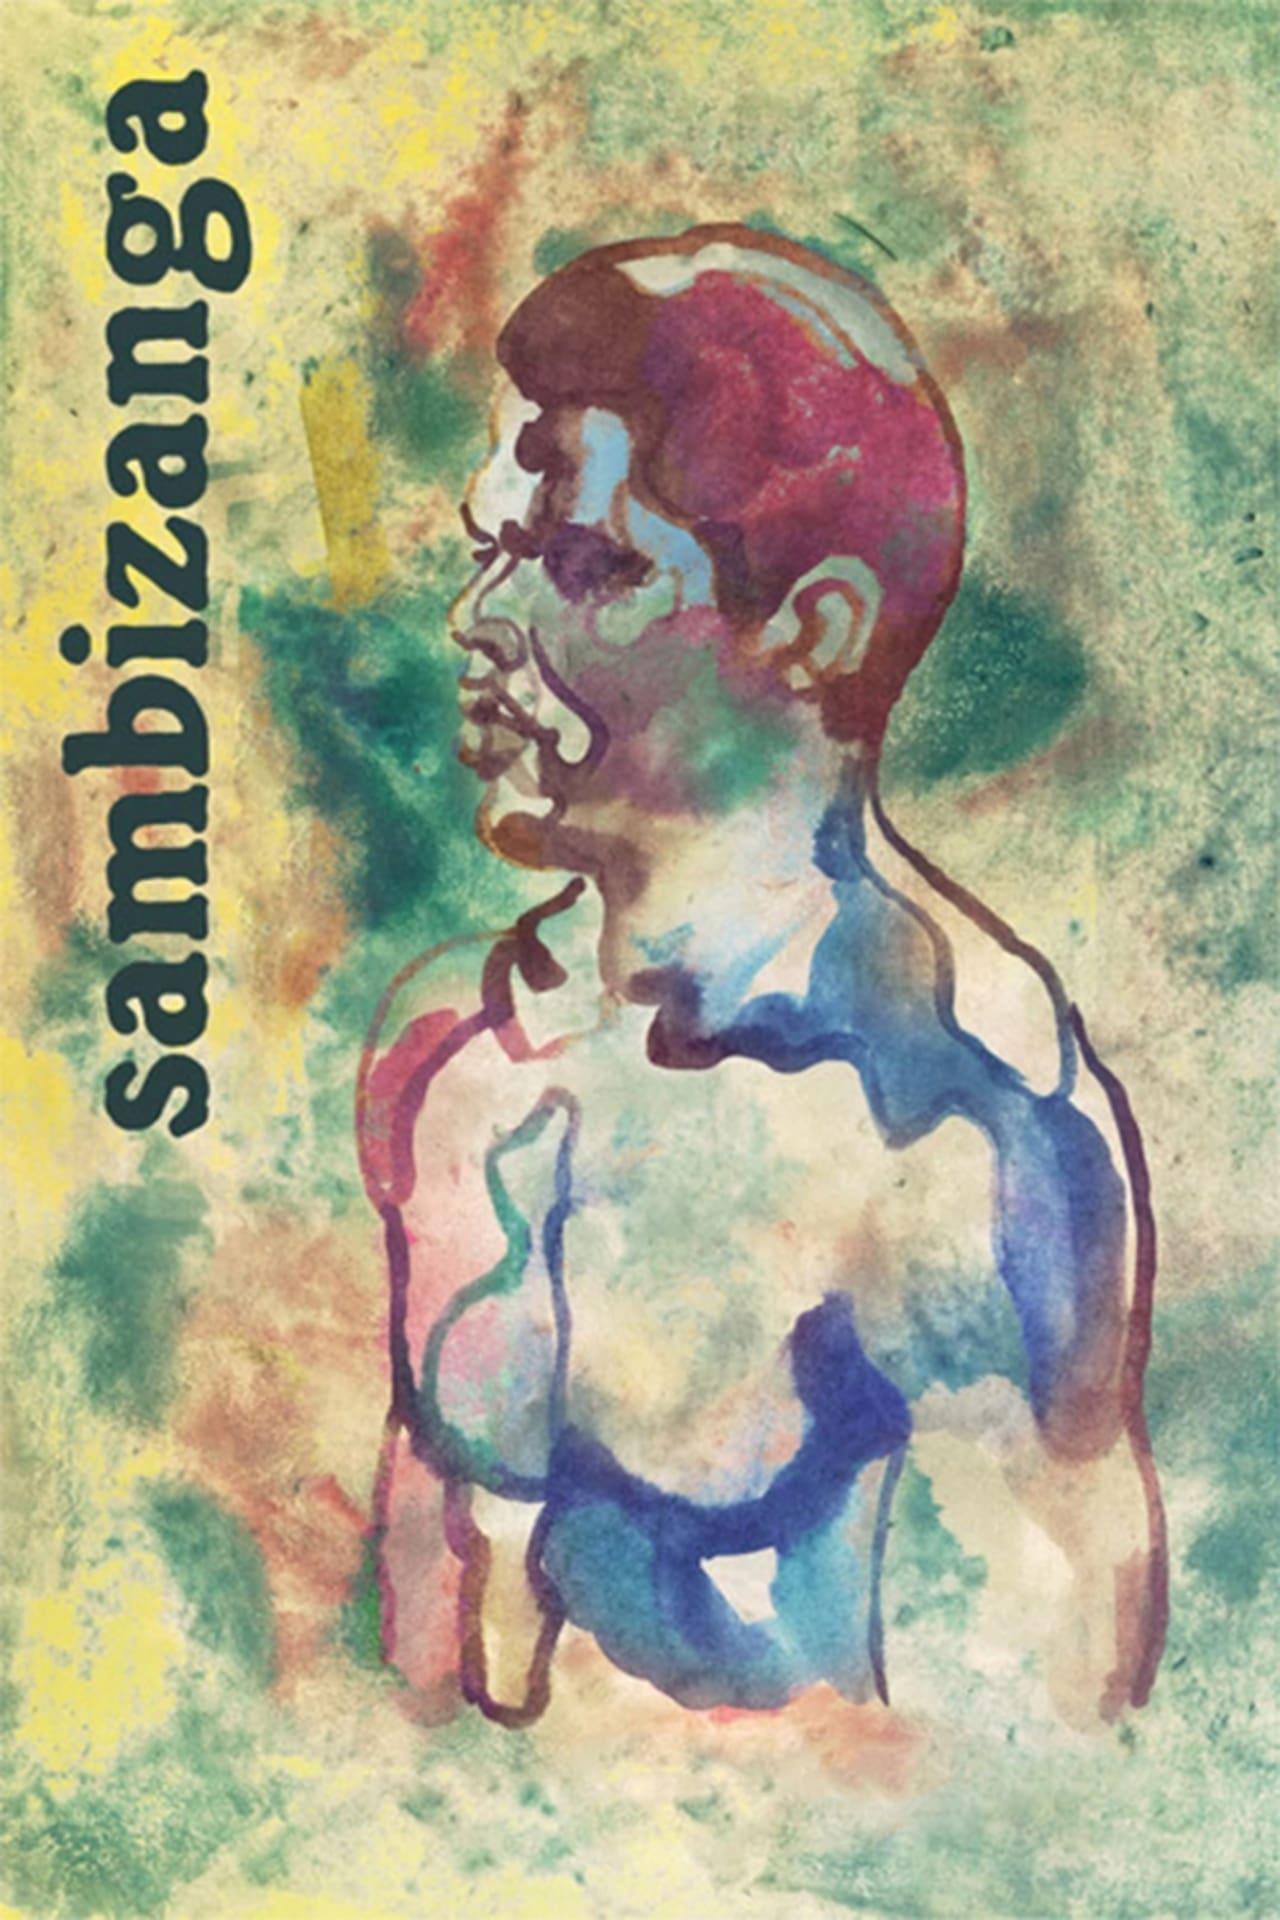 Sambizanga (1973)